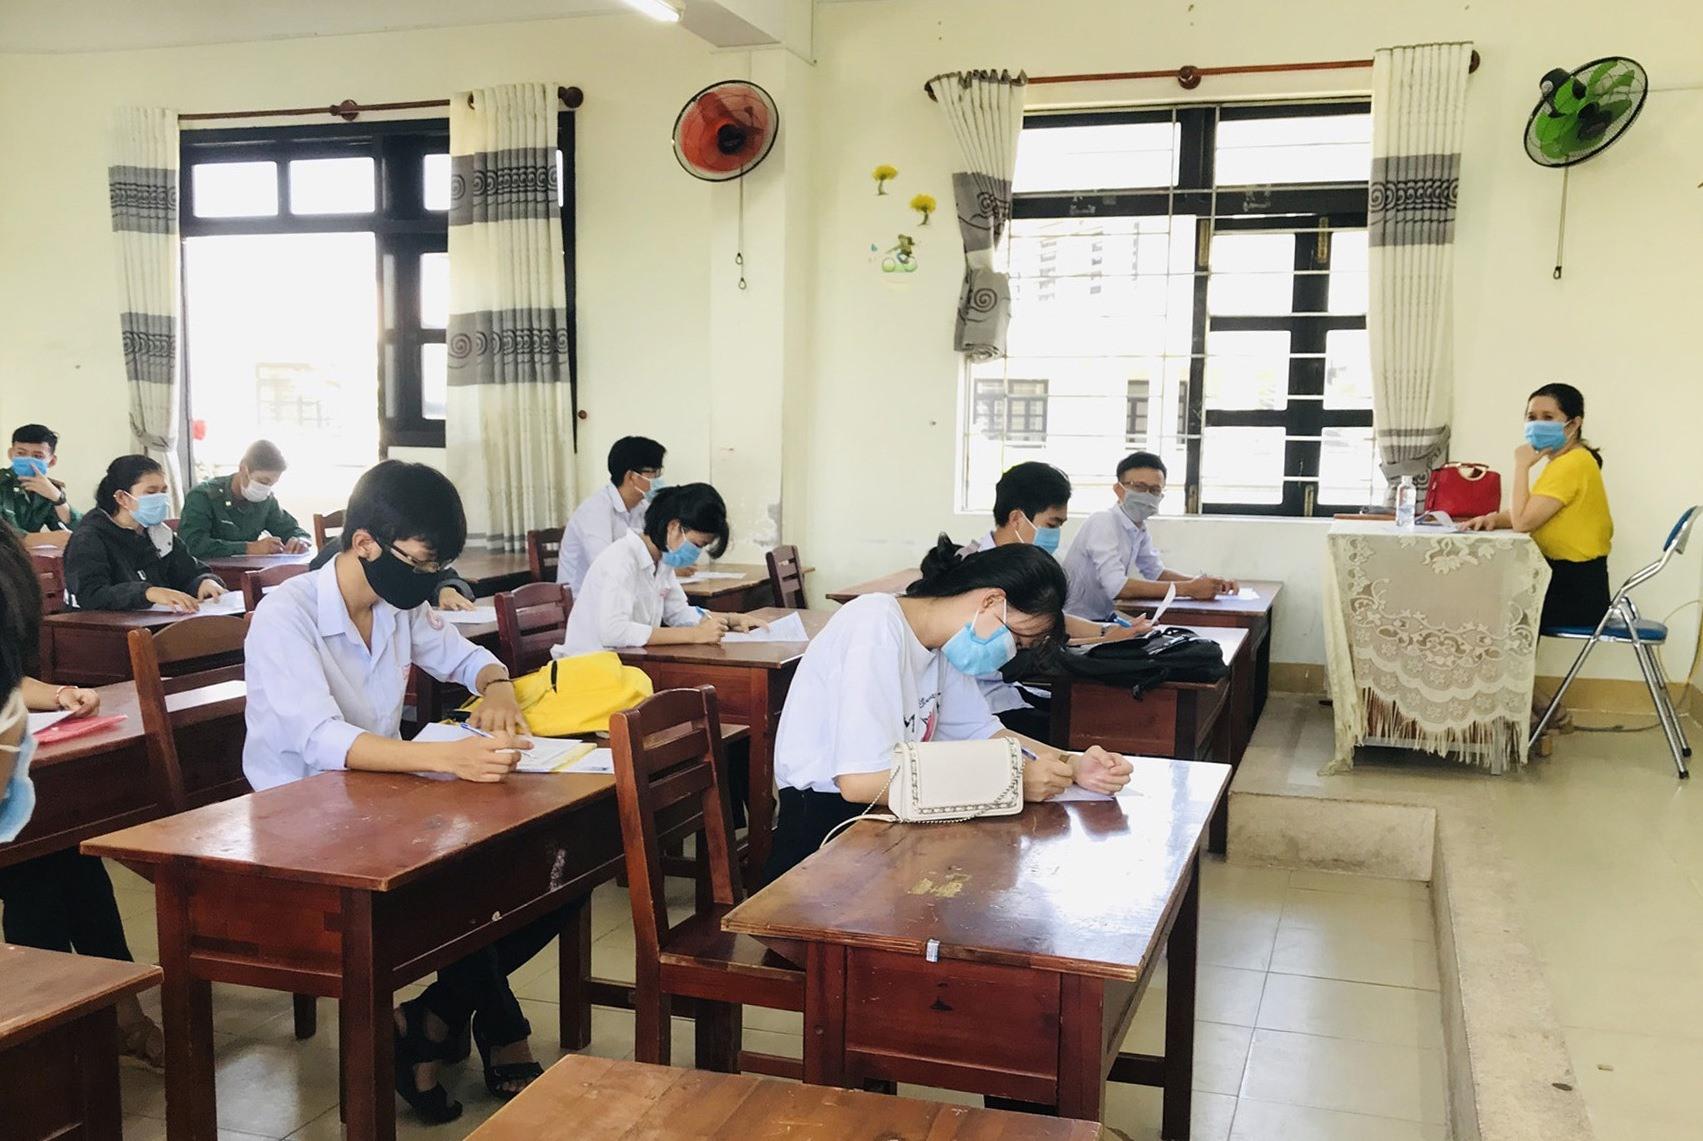 Thí sinh Quảng Nam học quy chế tại kỳ thi THPT quốc gia năm 2020. Ảnh: C.N